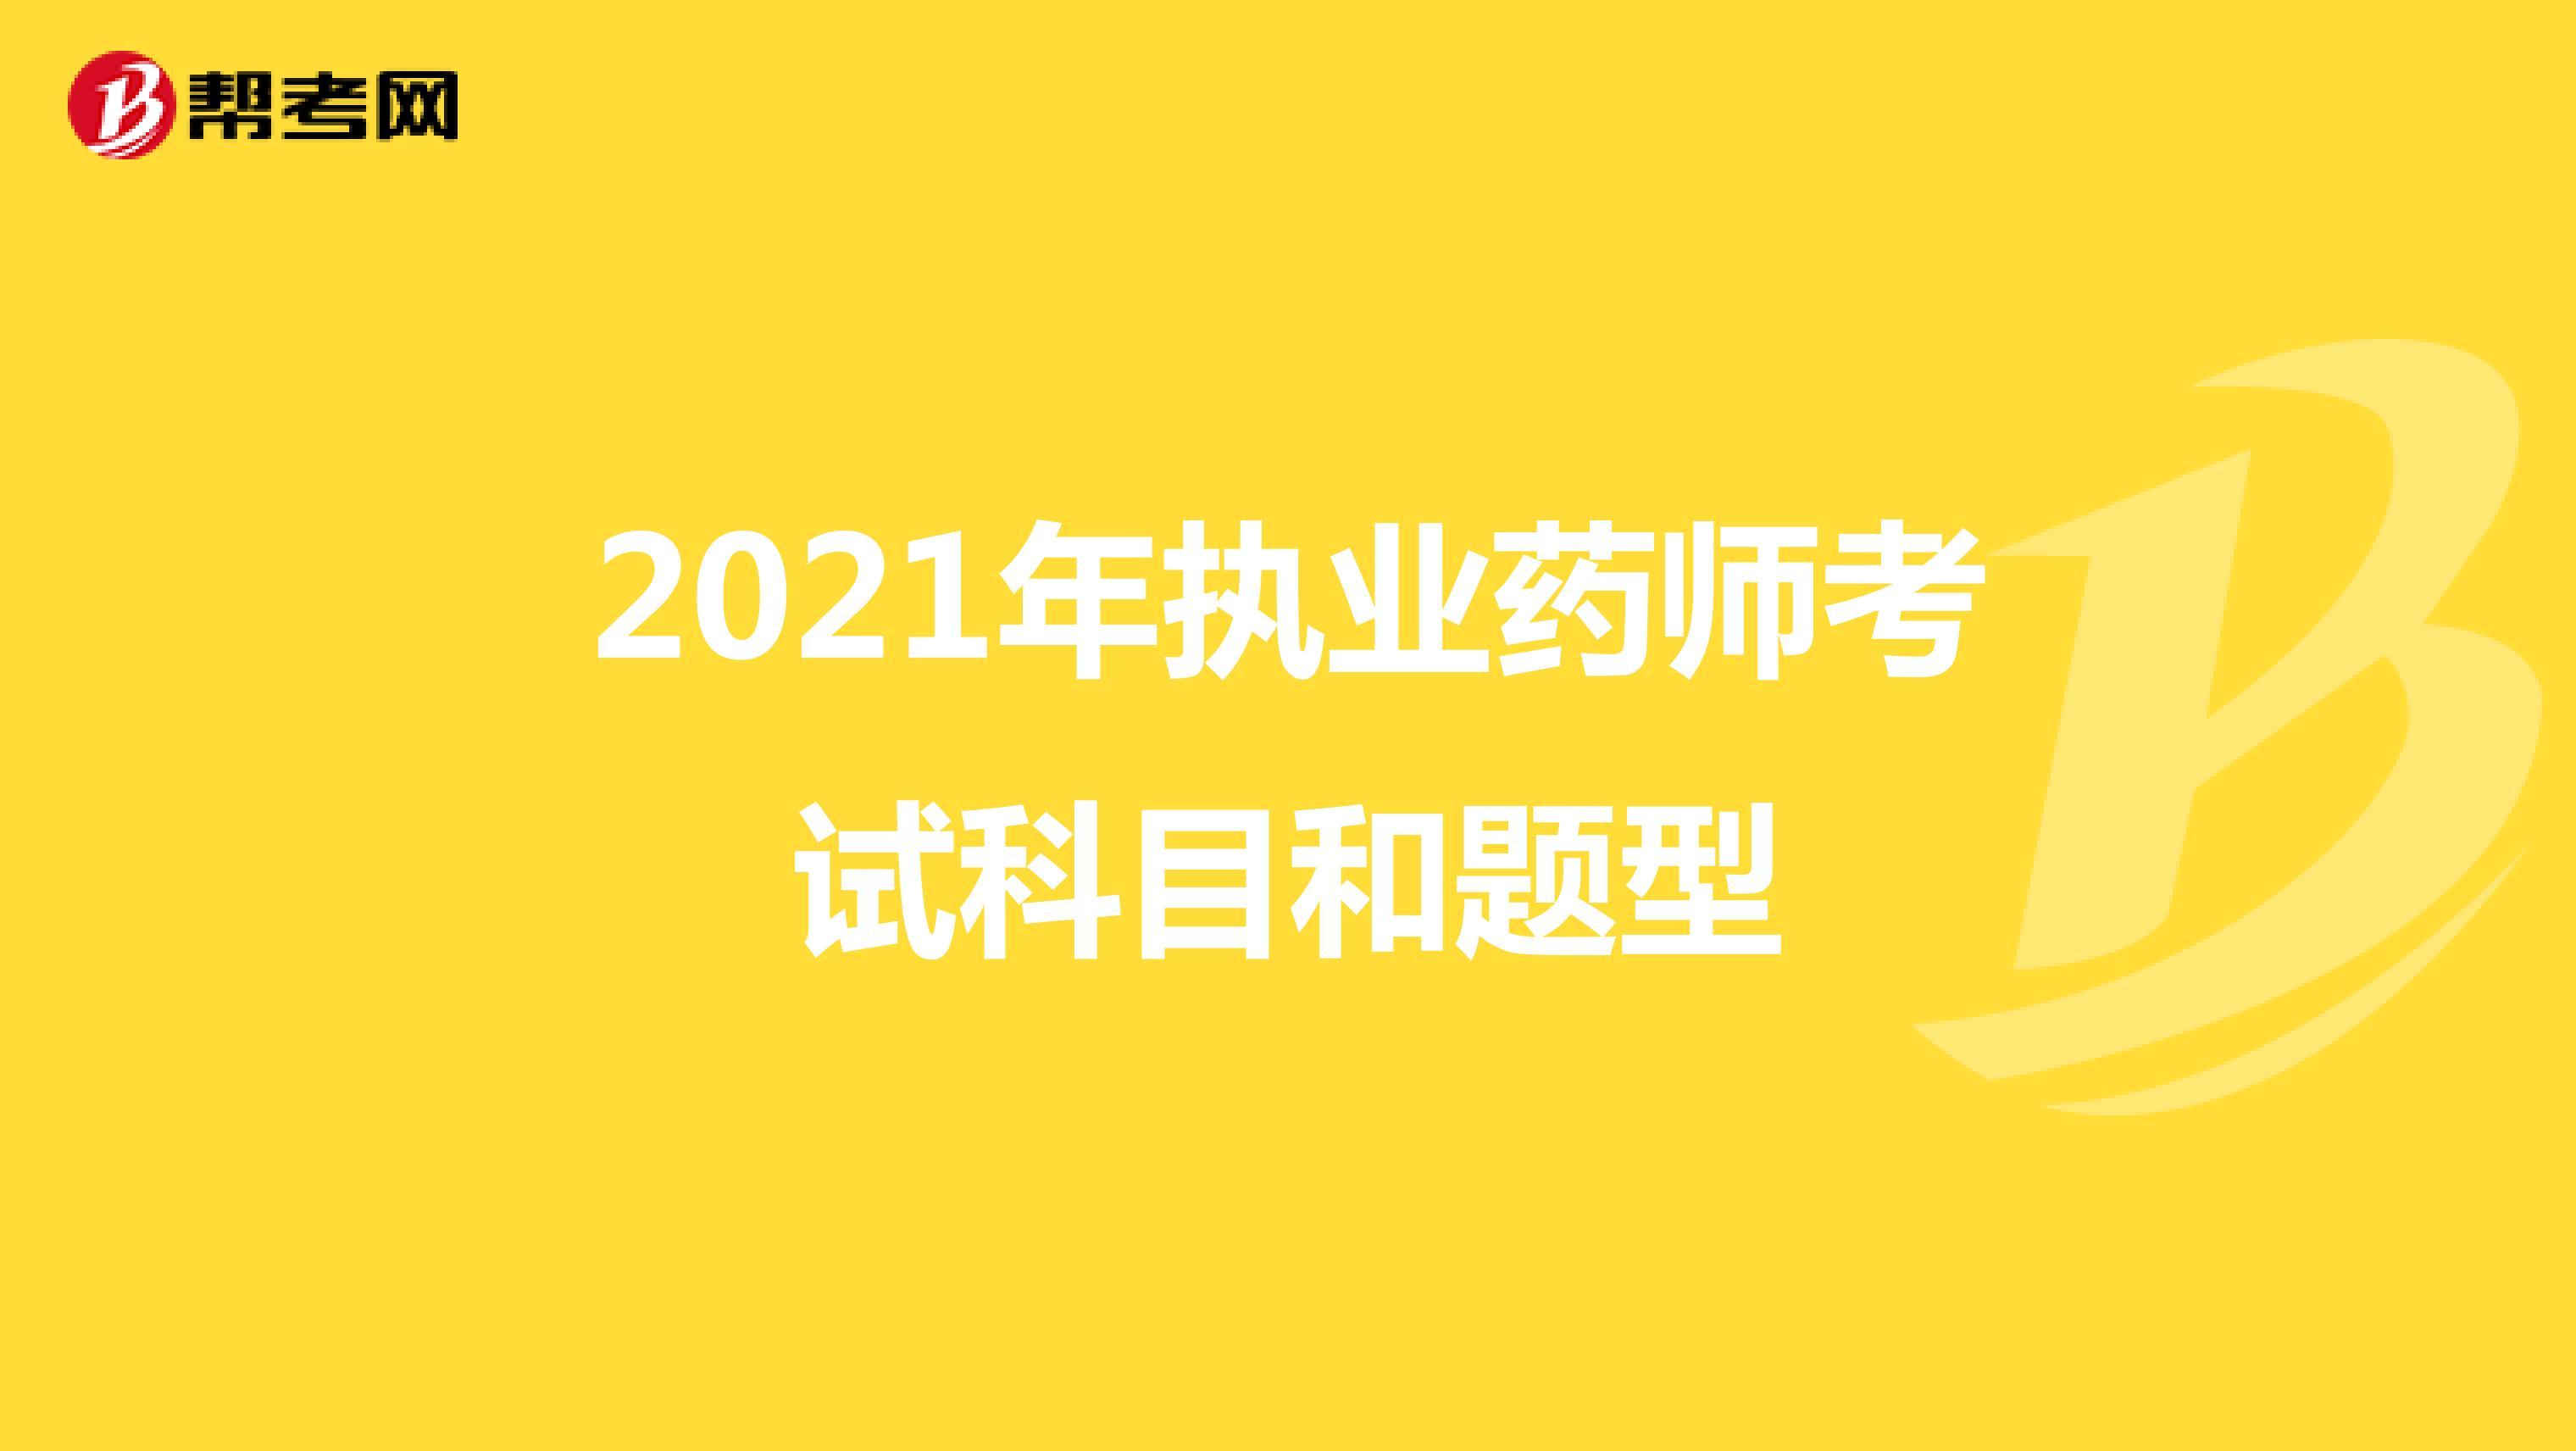 2021年执业药师考试科目和题型